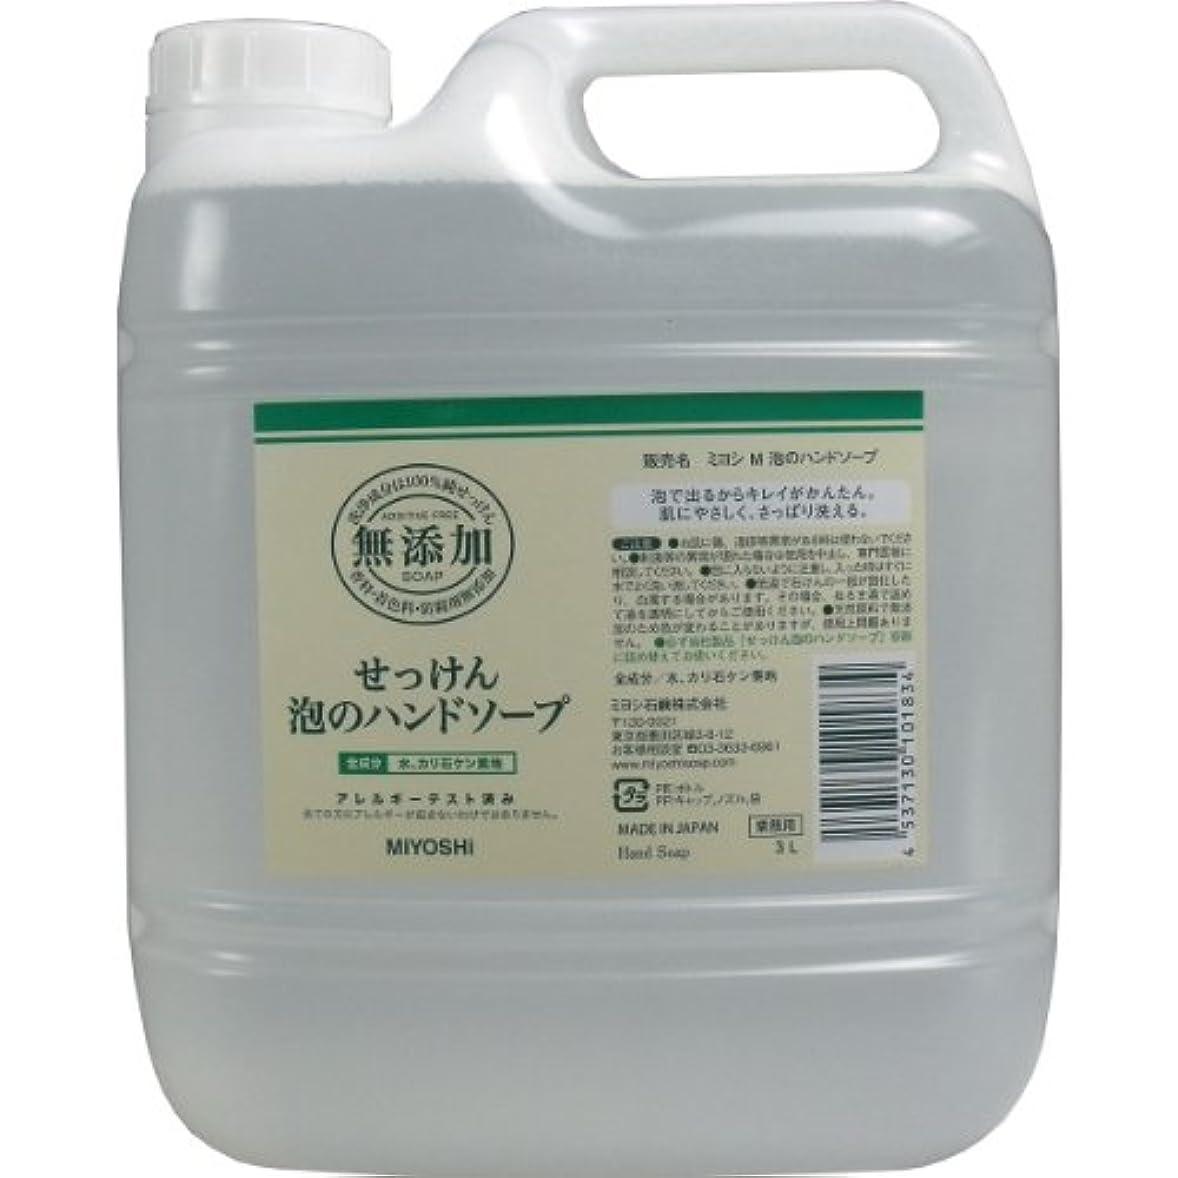 浴室野菜共役【セット品】無添加せっけん泡のハンドソープ 3000ml ×3個